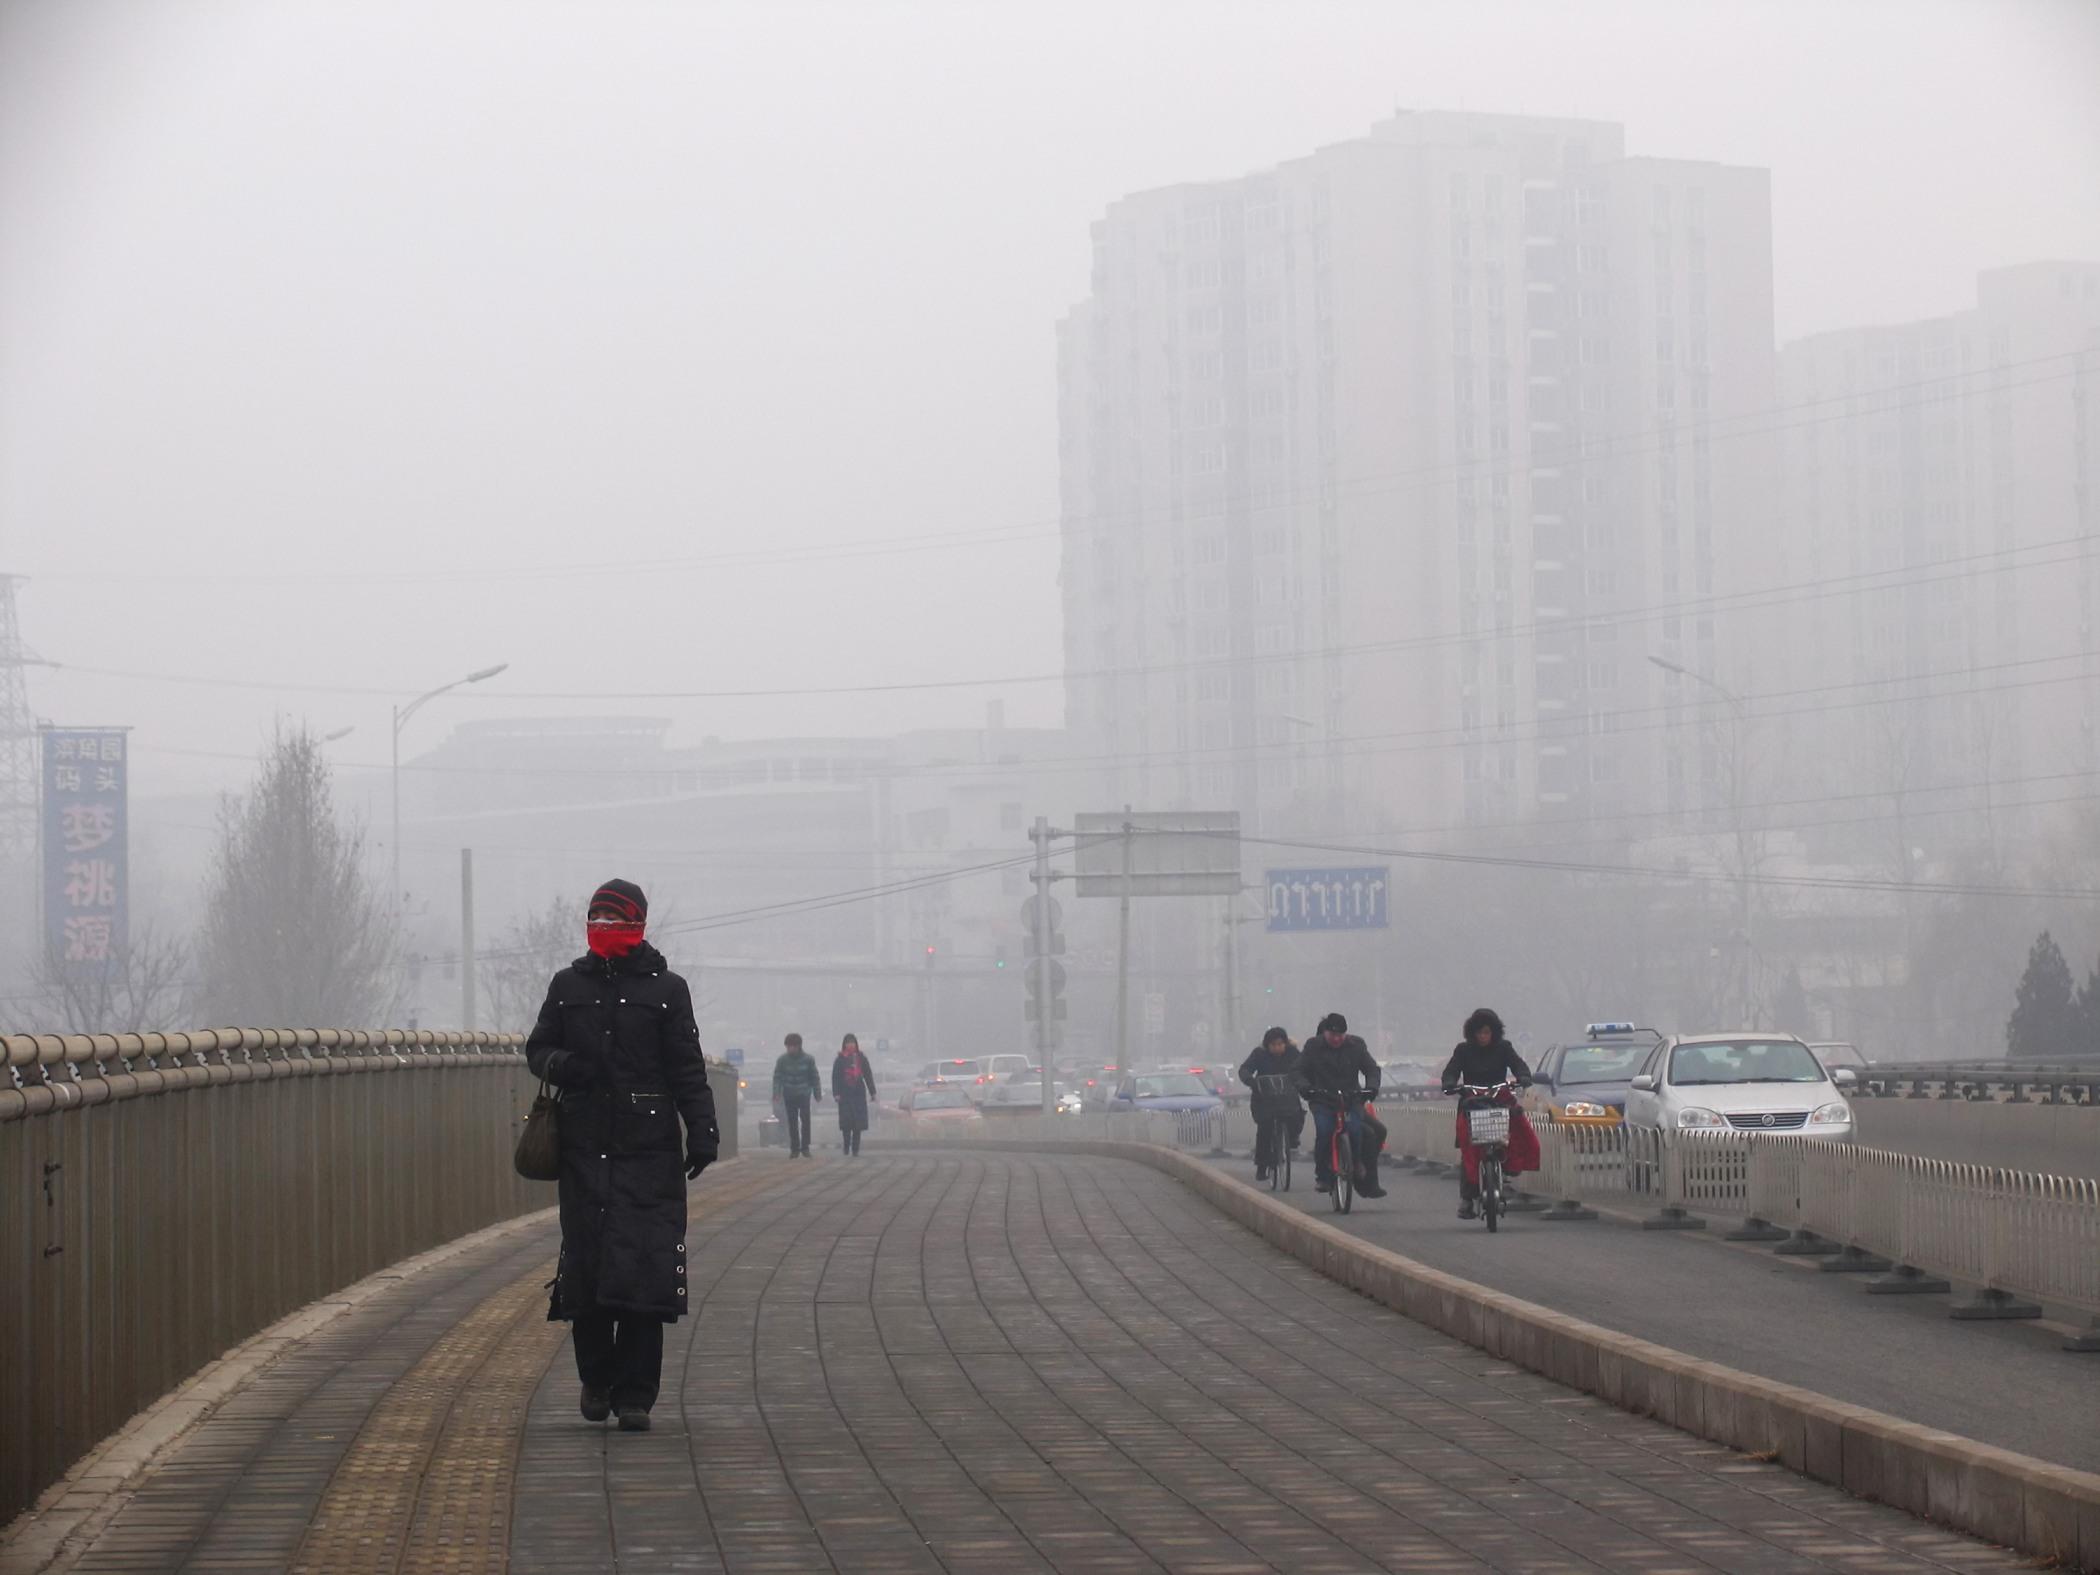 Air pollution in an urban city